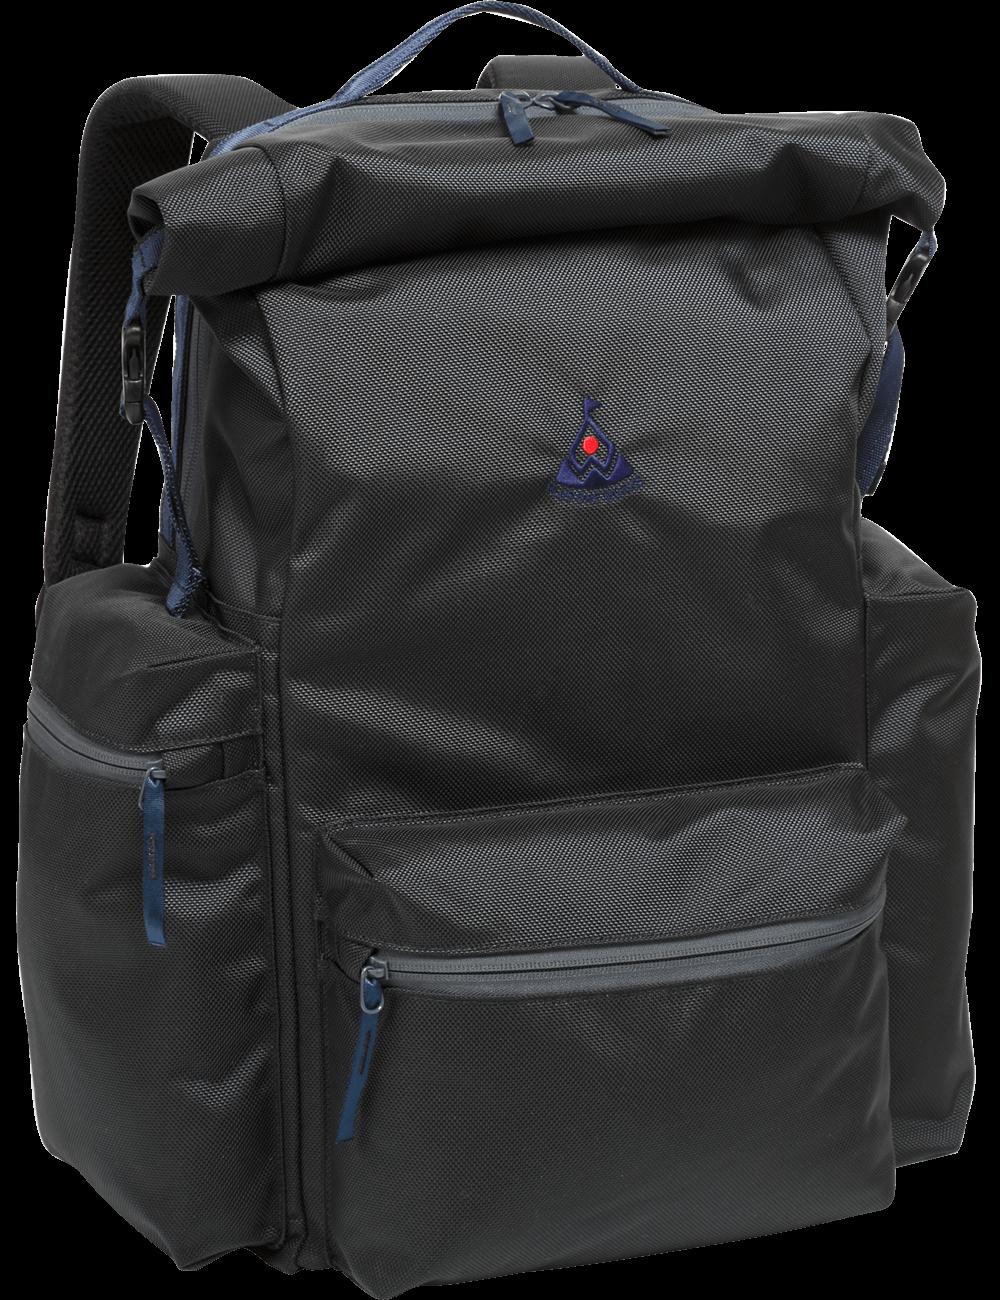 Nomad worker bag